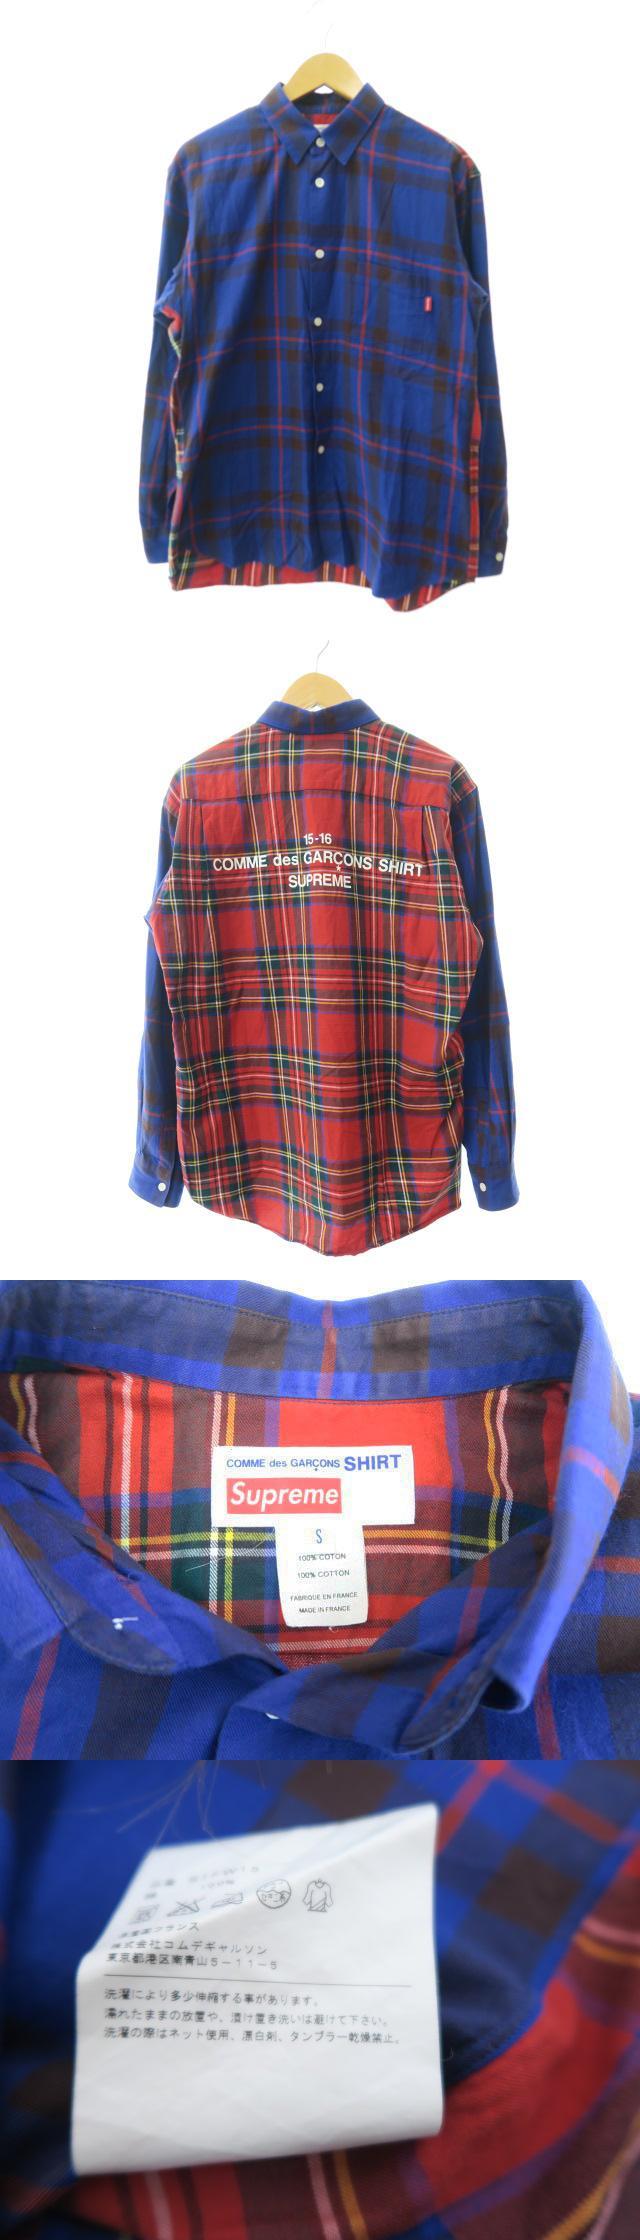 ×COMME des GARCONS SHIRTS コム デ ギャルソン シャツ 15AW チェック シャツ S ブルー×レッド ブランド古着ベクトル 中古☆AA★190418 0220